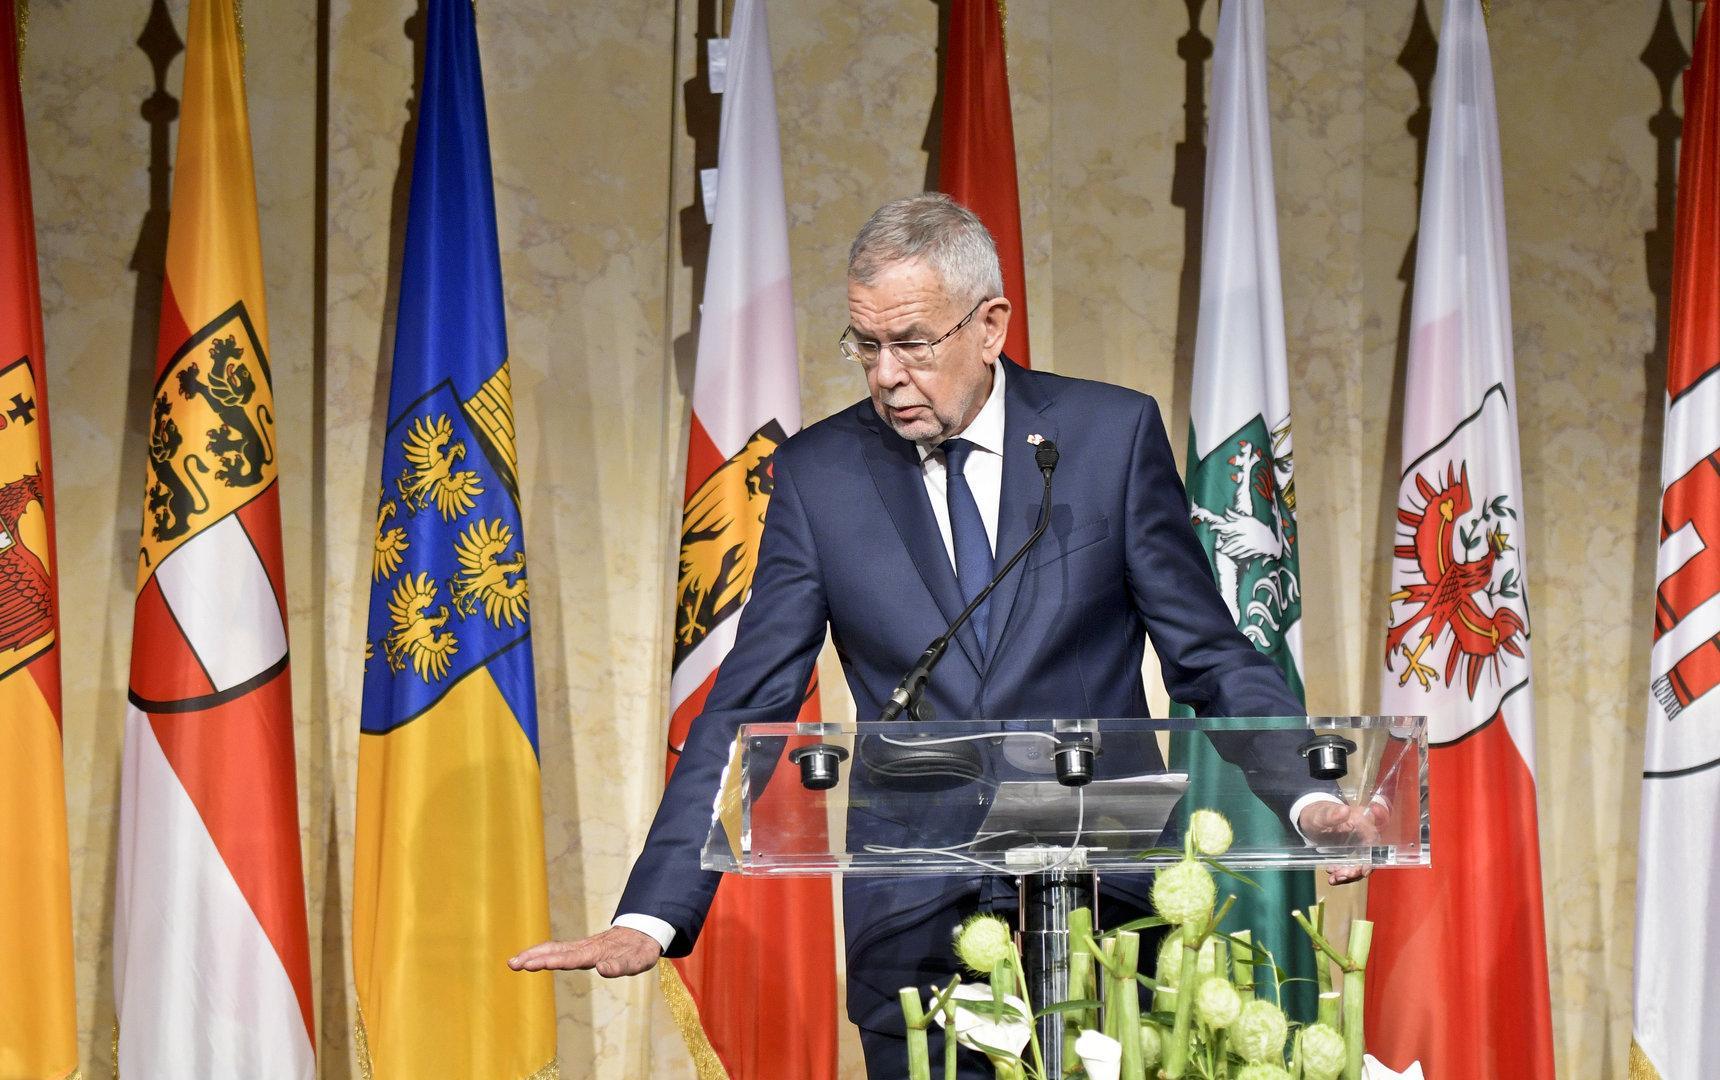 Österreich feiert heute mit Staatsakt 100 Jahre Republik